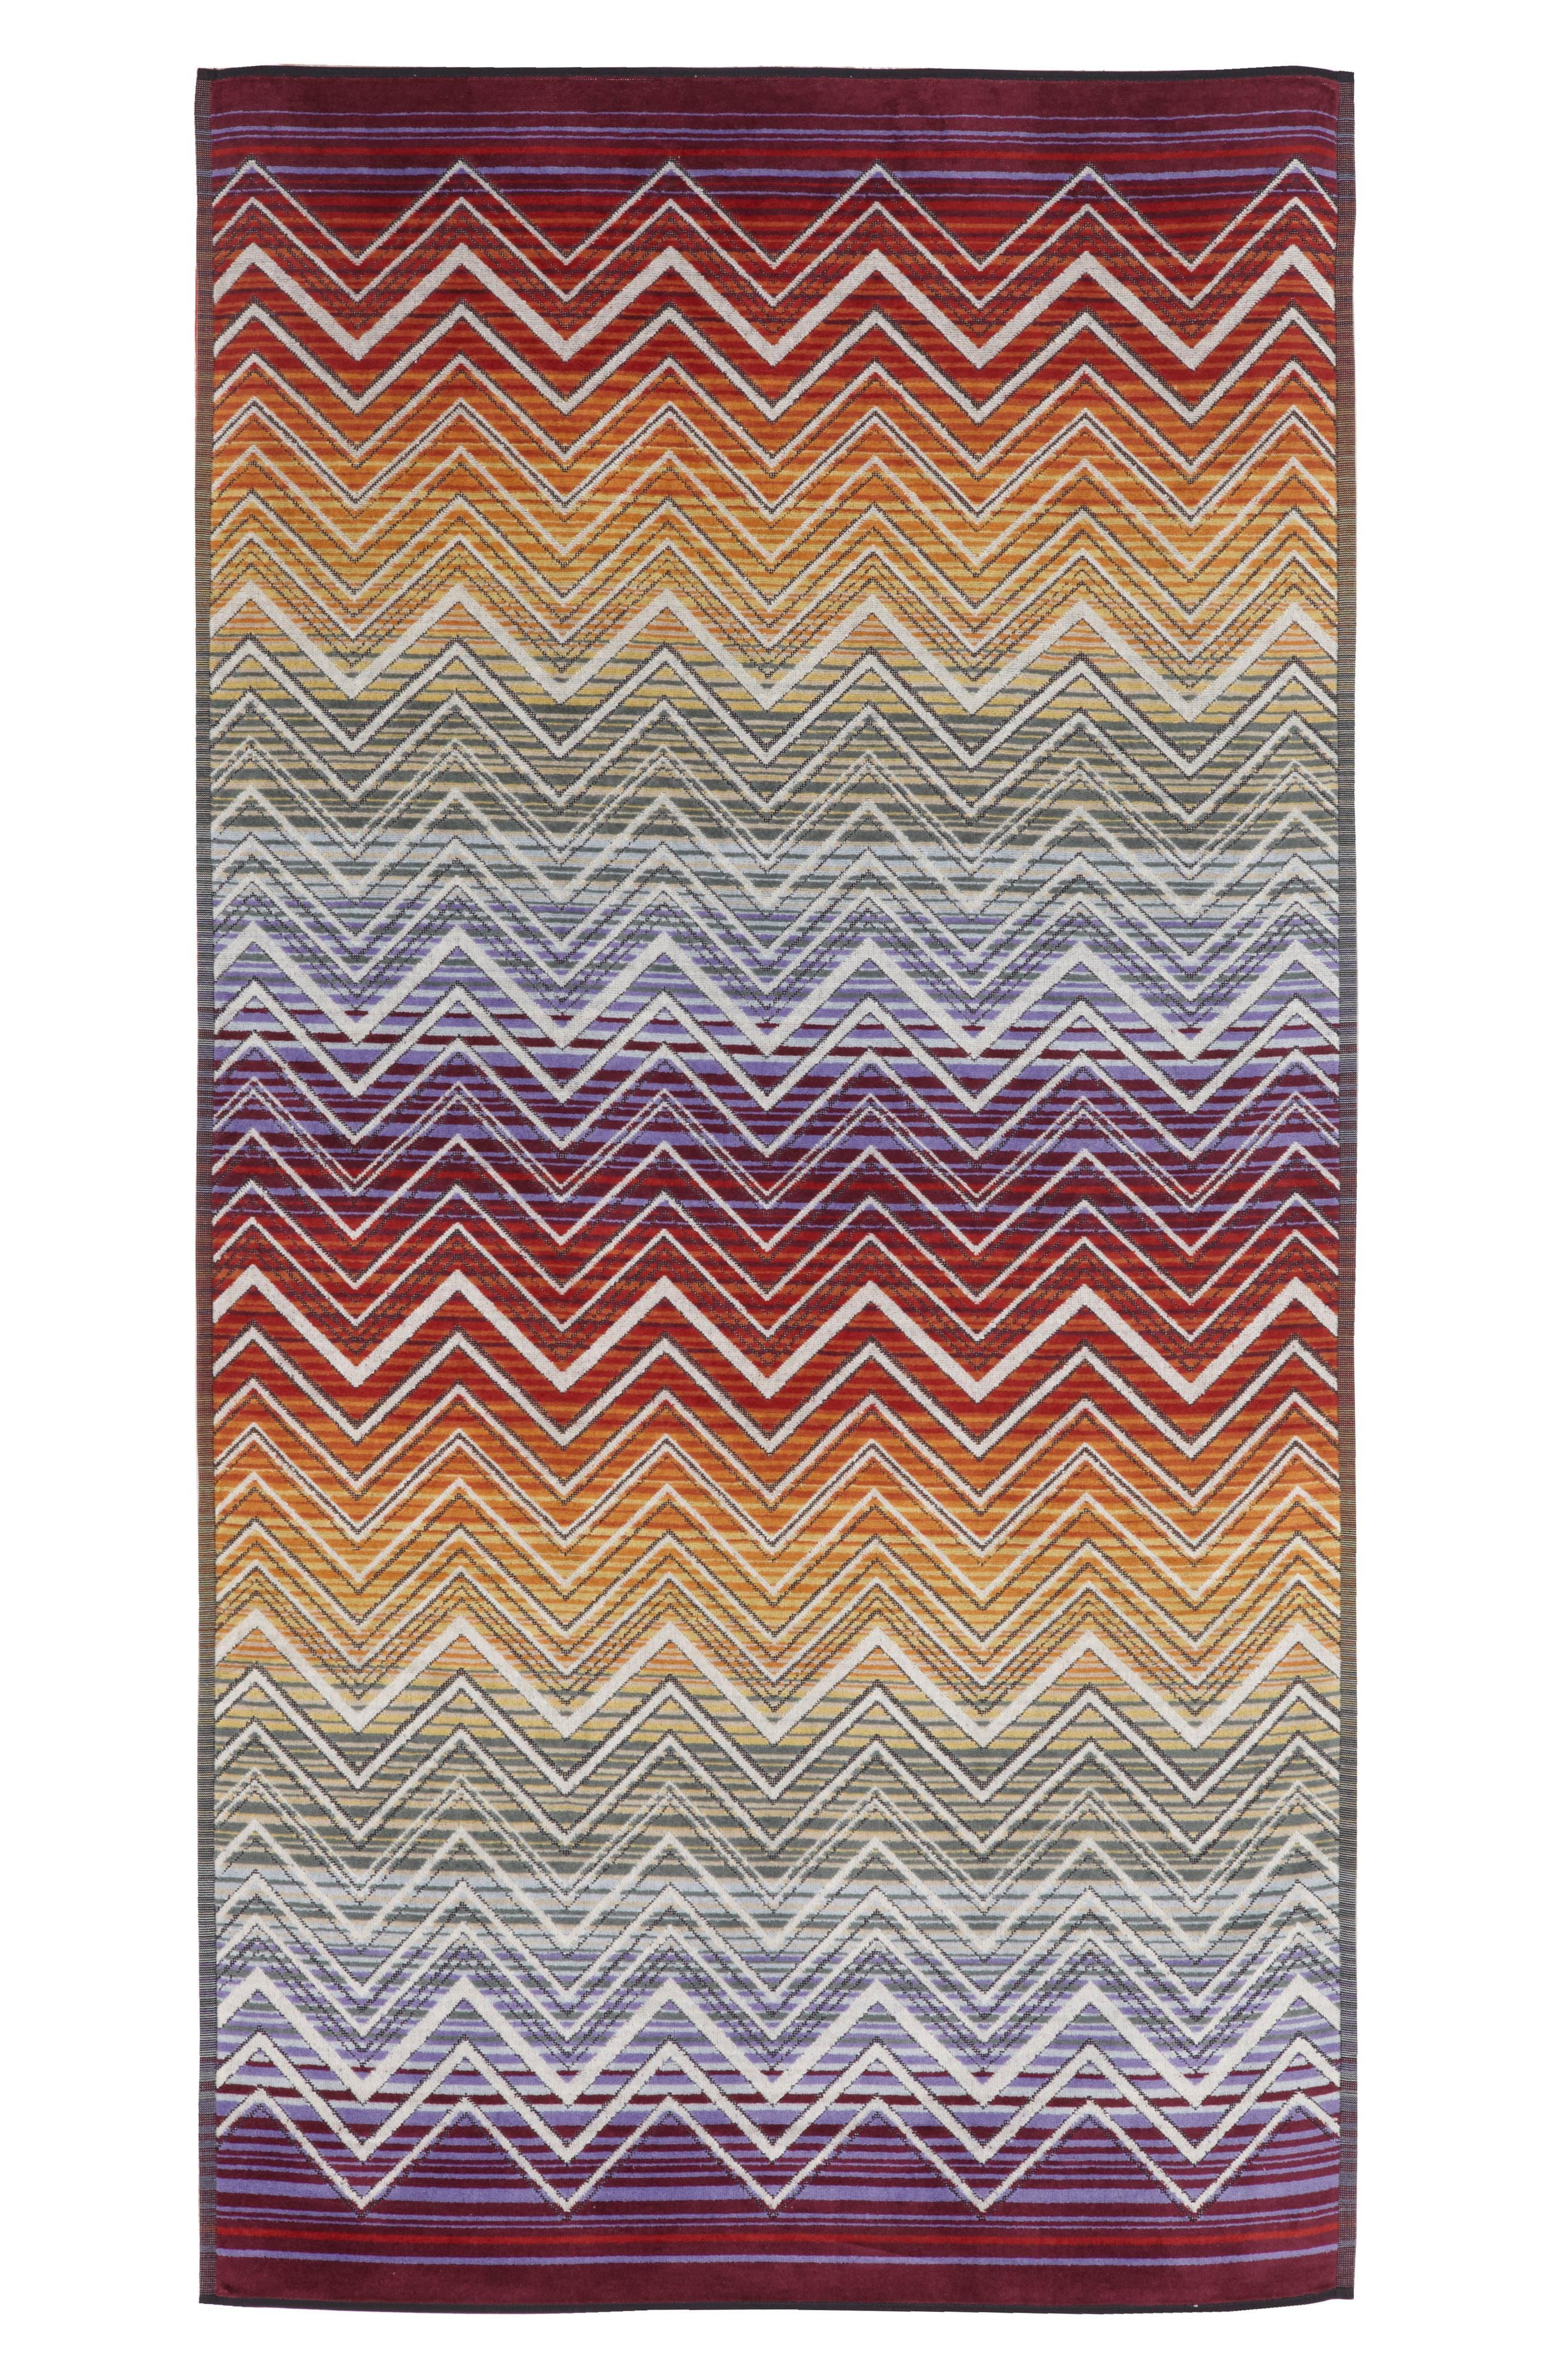 Tolomeo Hand Towel,                             Main thumbnail 1, color,